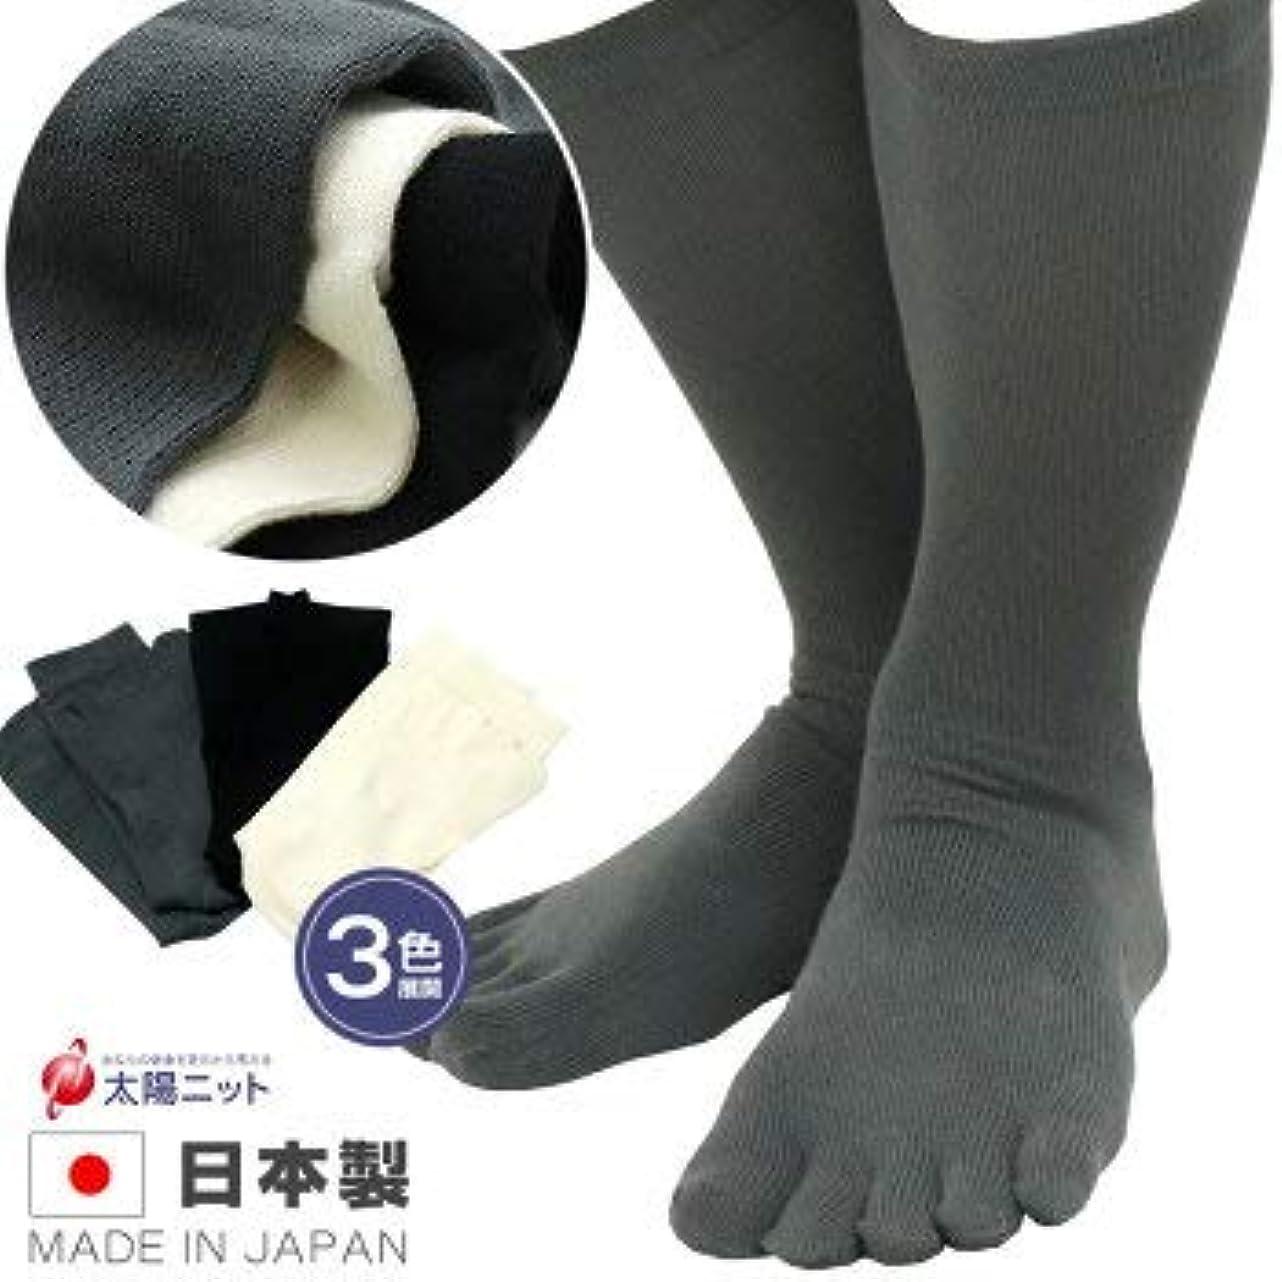 削除する予想外帝国男性用 綿100% 5本指 靴下 におい ムレ 対策 24-26㎝ 太陽ニッ ト321 (ホワイト)